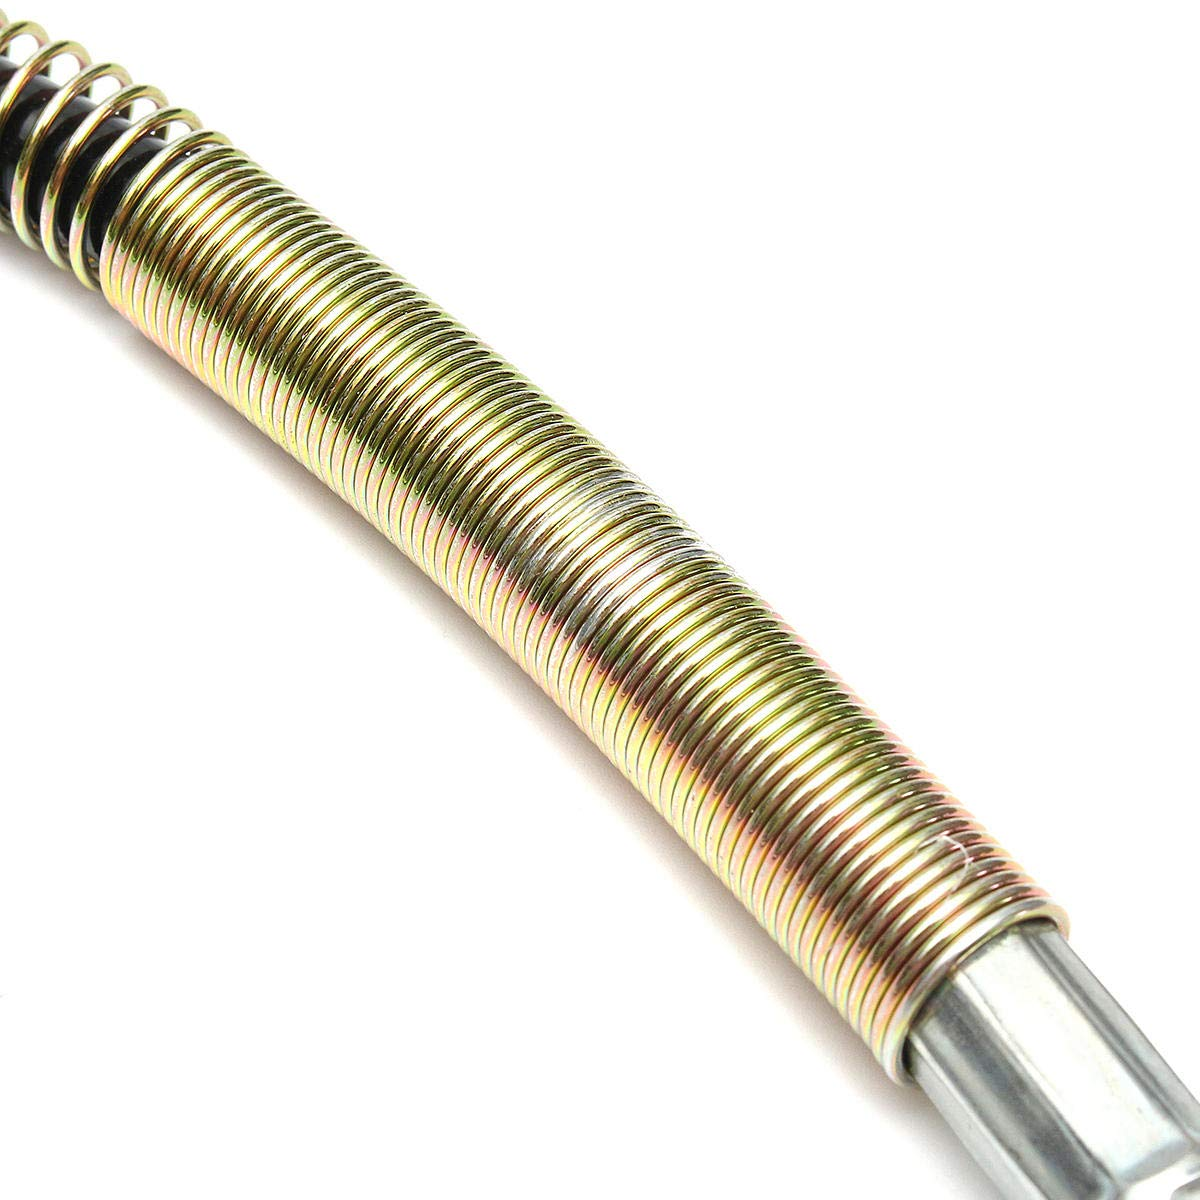 Paintball PCP Tuyau de 53,3 cm pour station de remplissage dair HPA Adaptateur de charge 300 bar//4500 psi Jouets gonflables